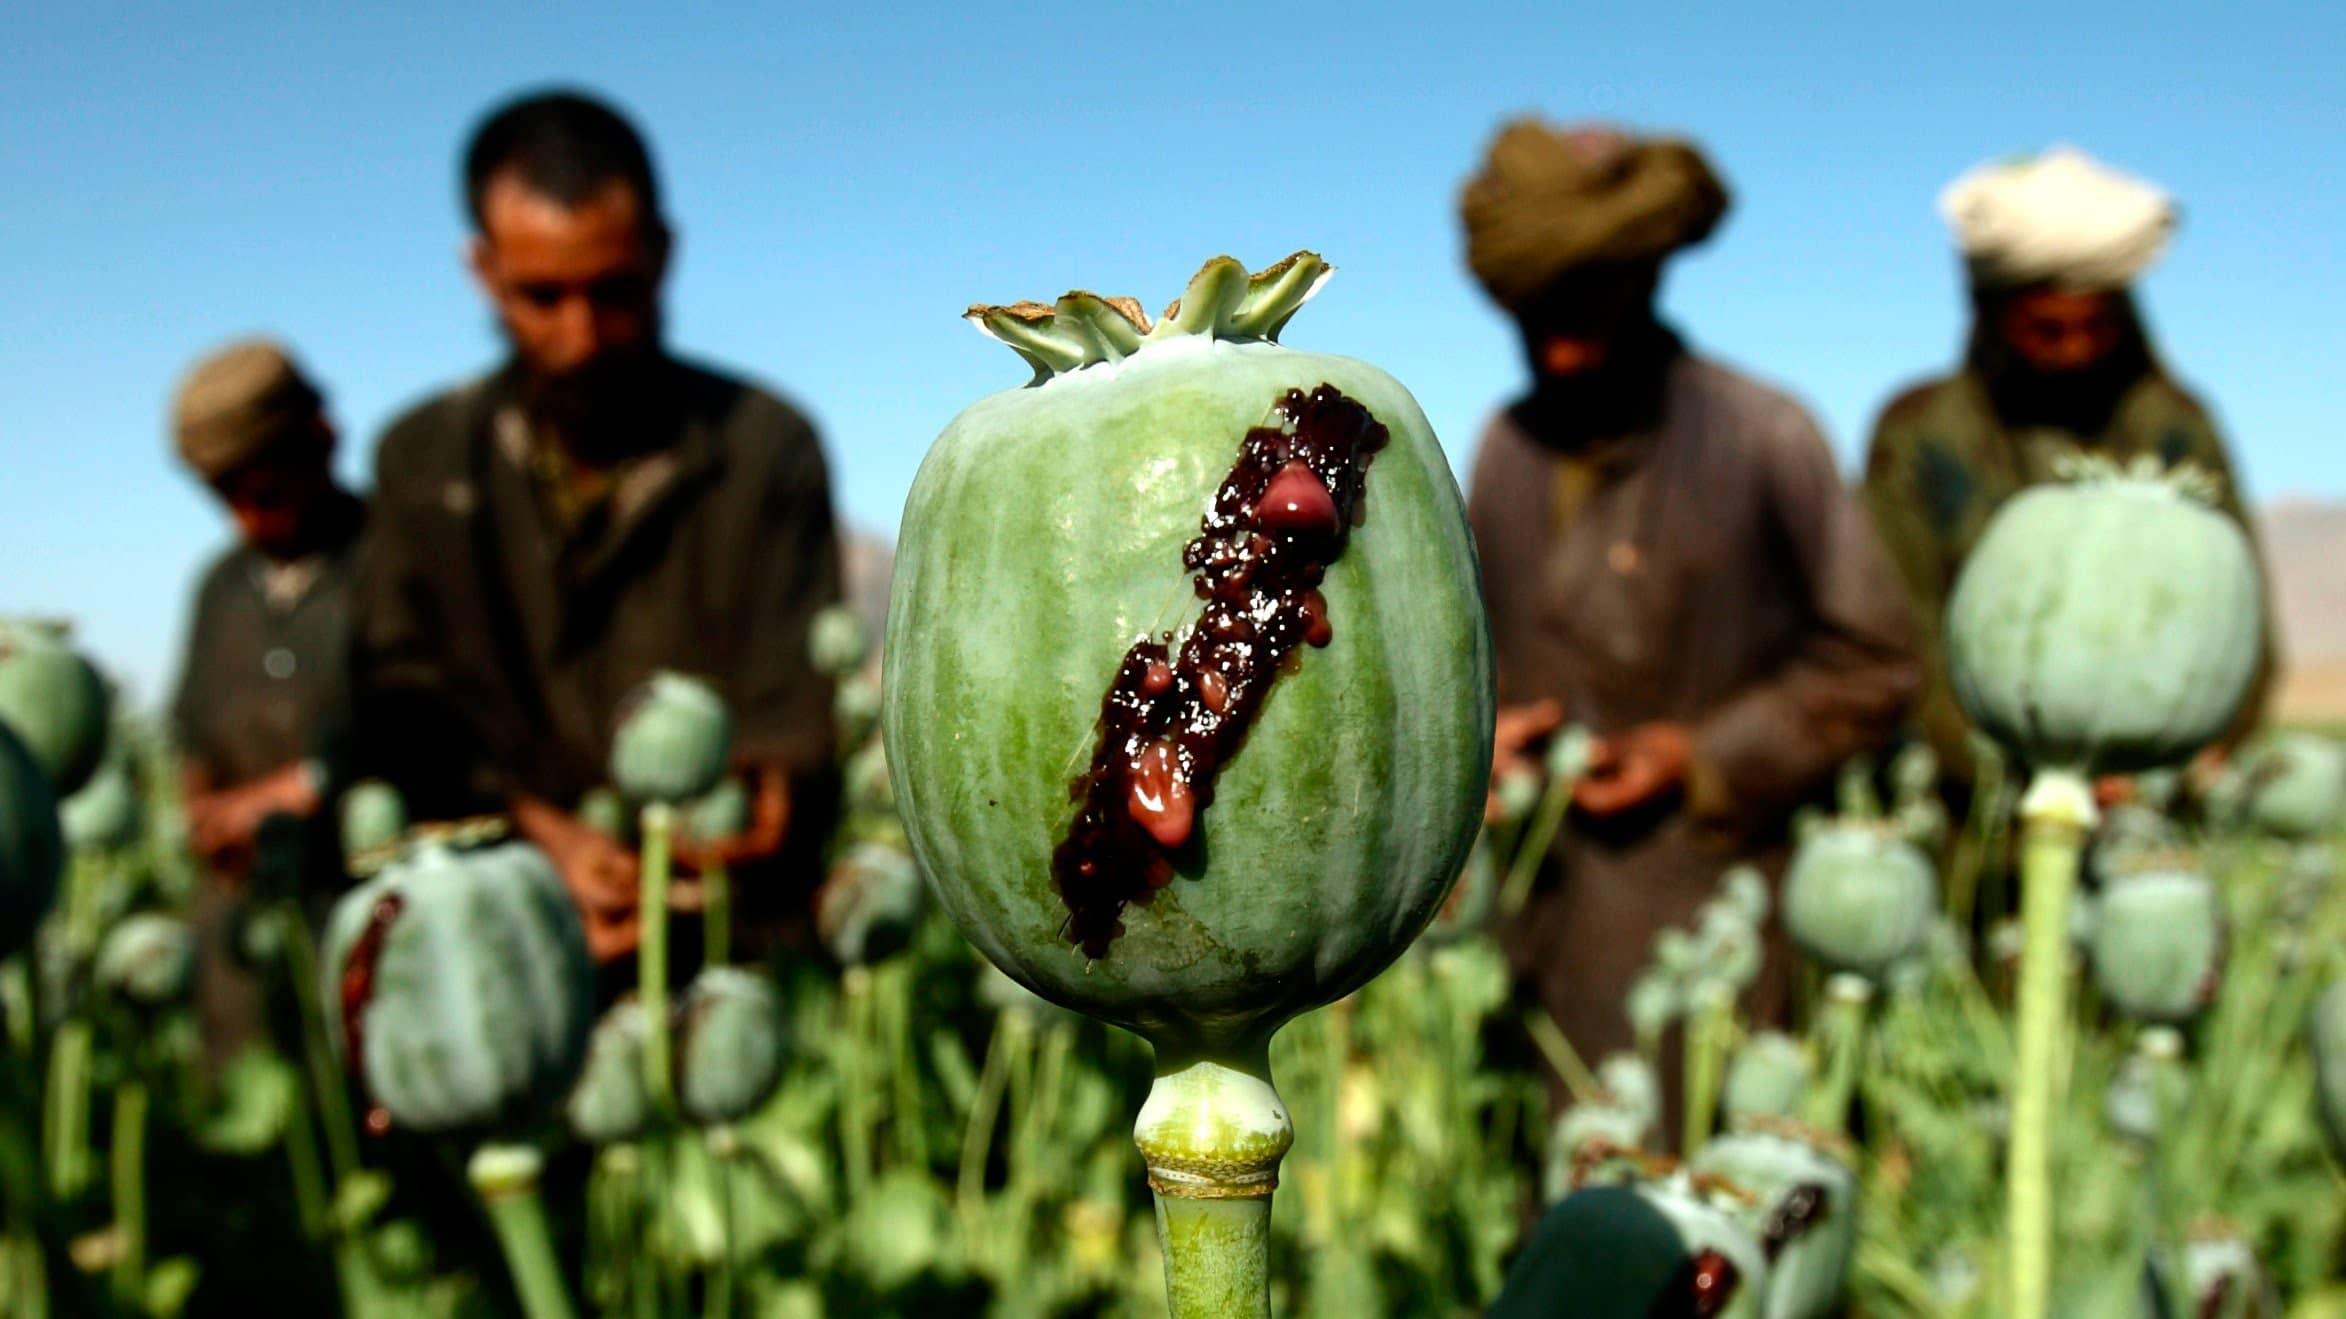 طالبان در دو راهی صلح و تجارت مواد مخدر